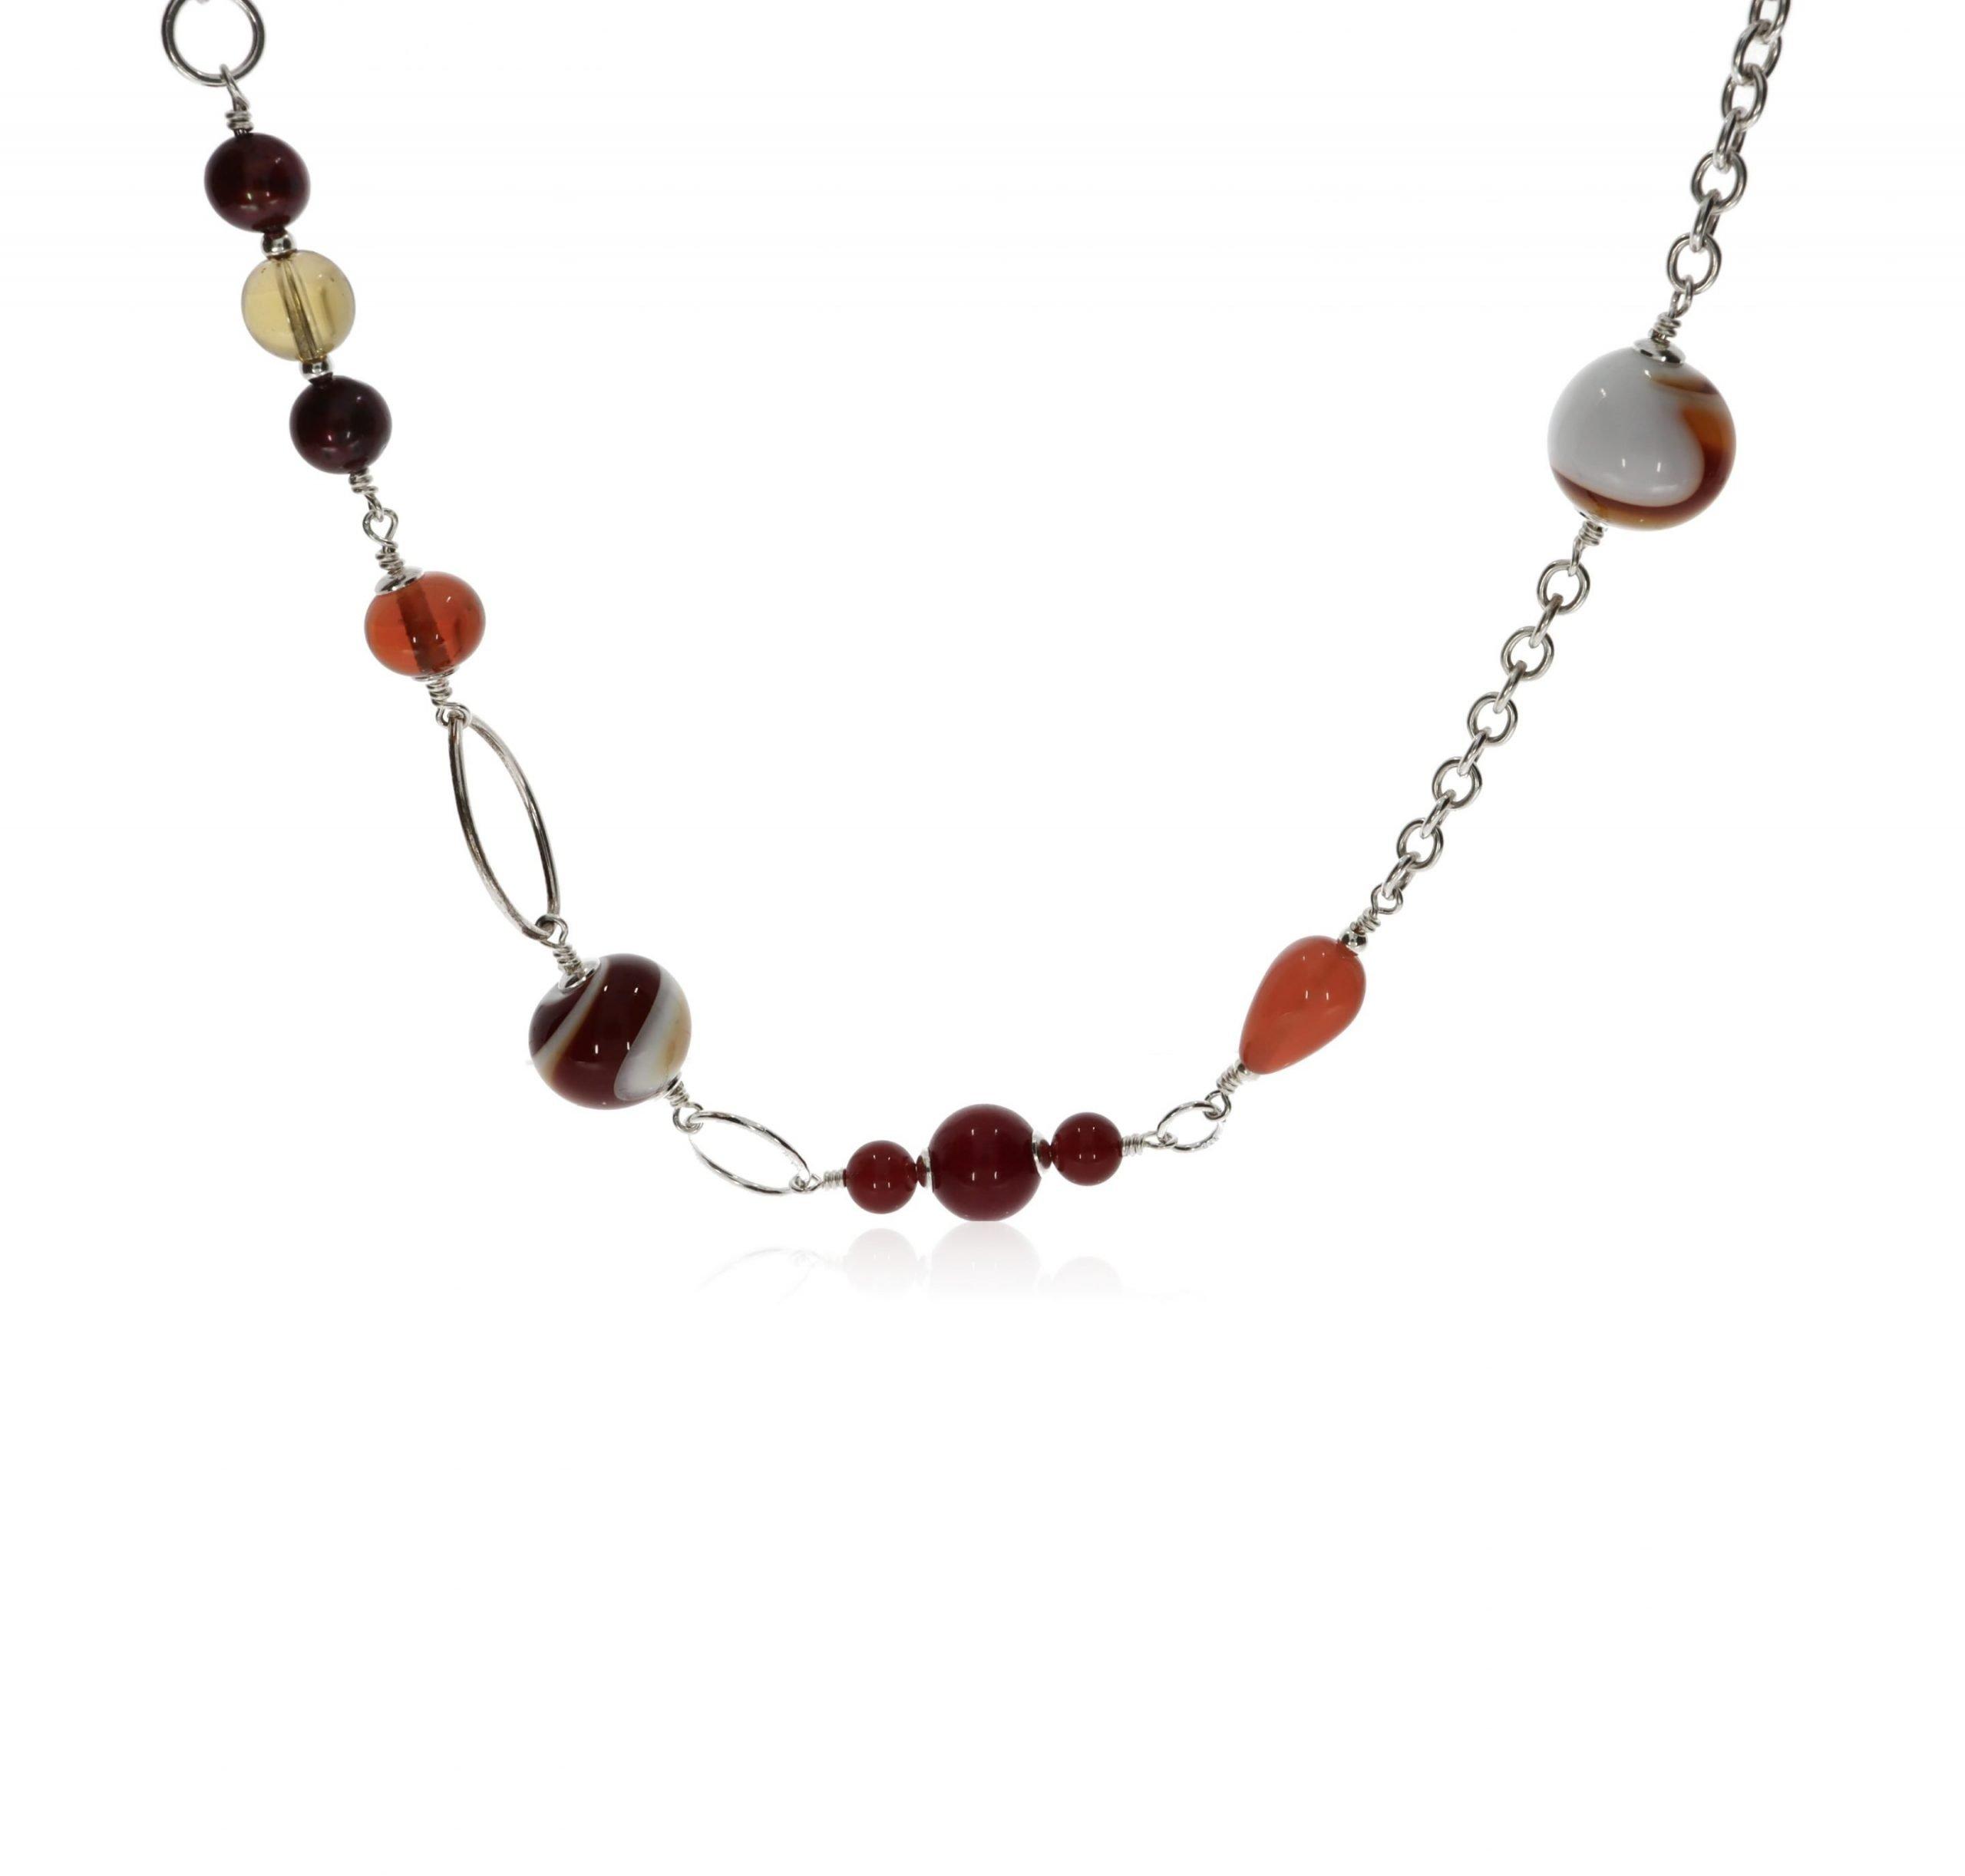 Murano Glass and Gemstone Necklace by Heidi Kjeldsen Jewellery NL1304 Front